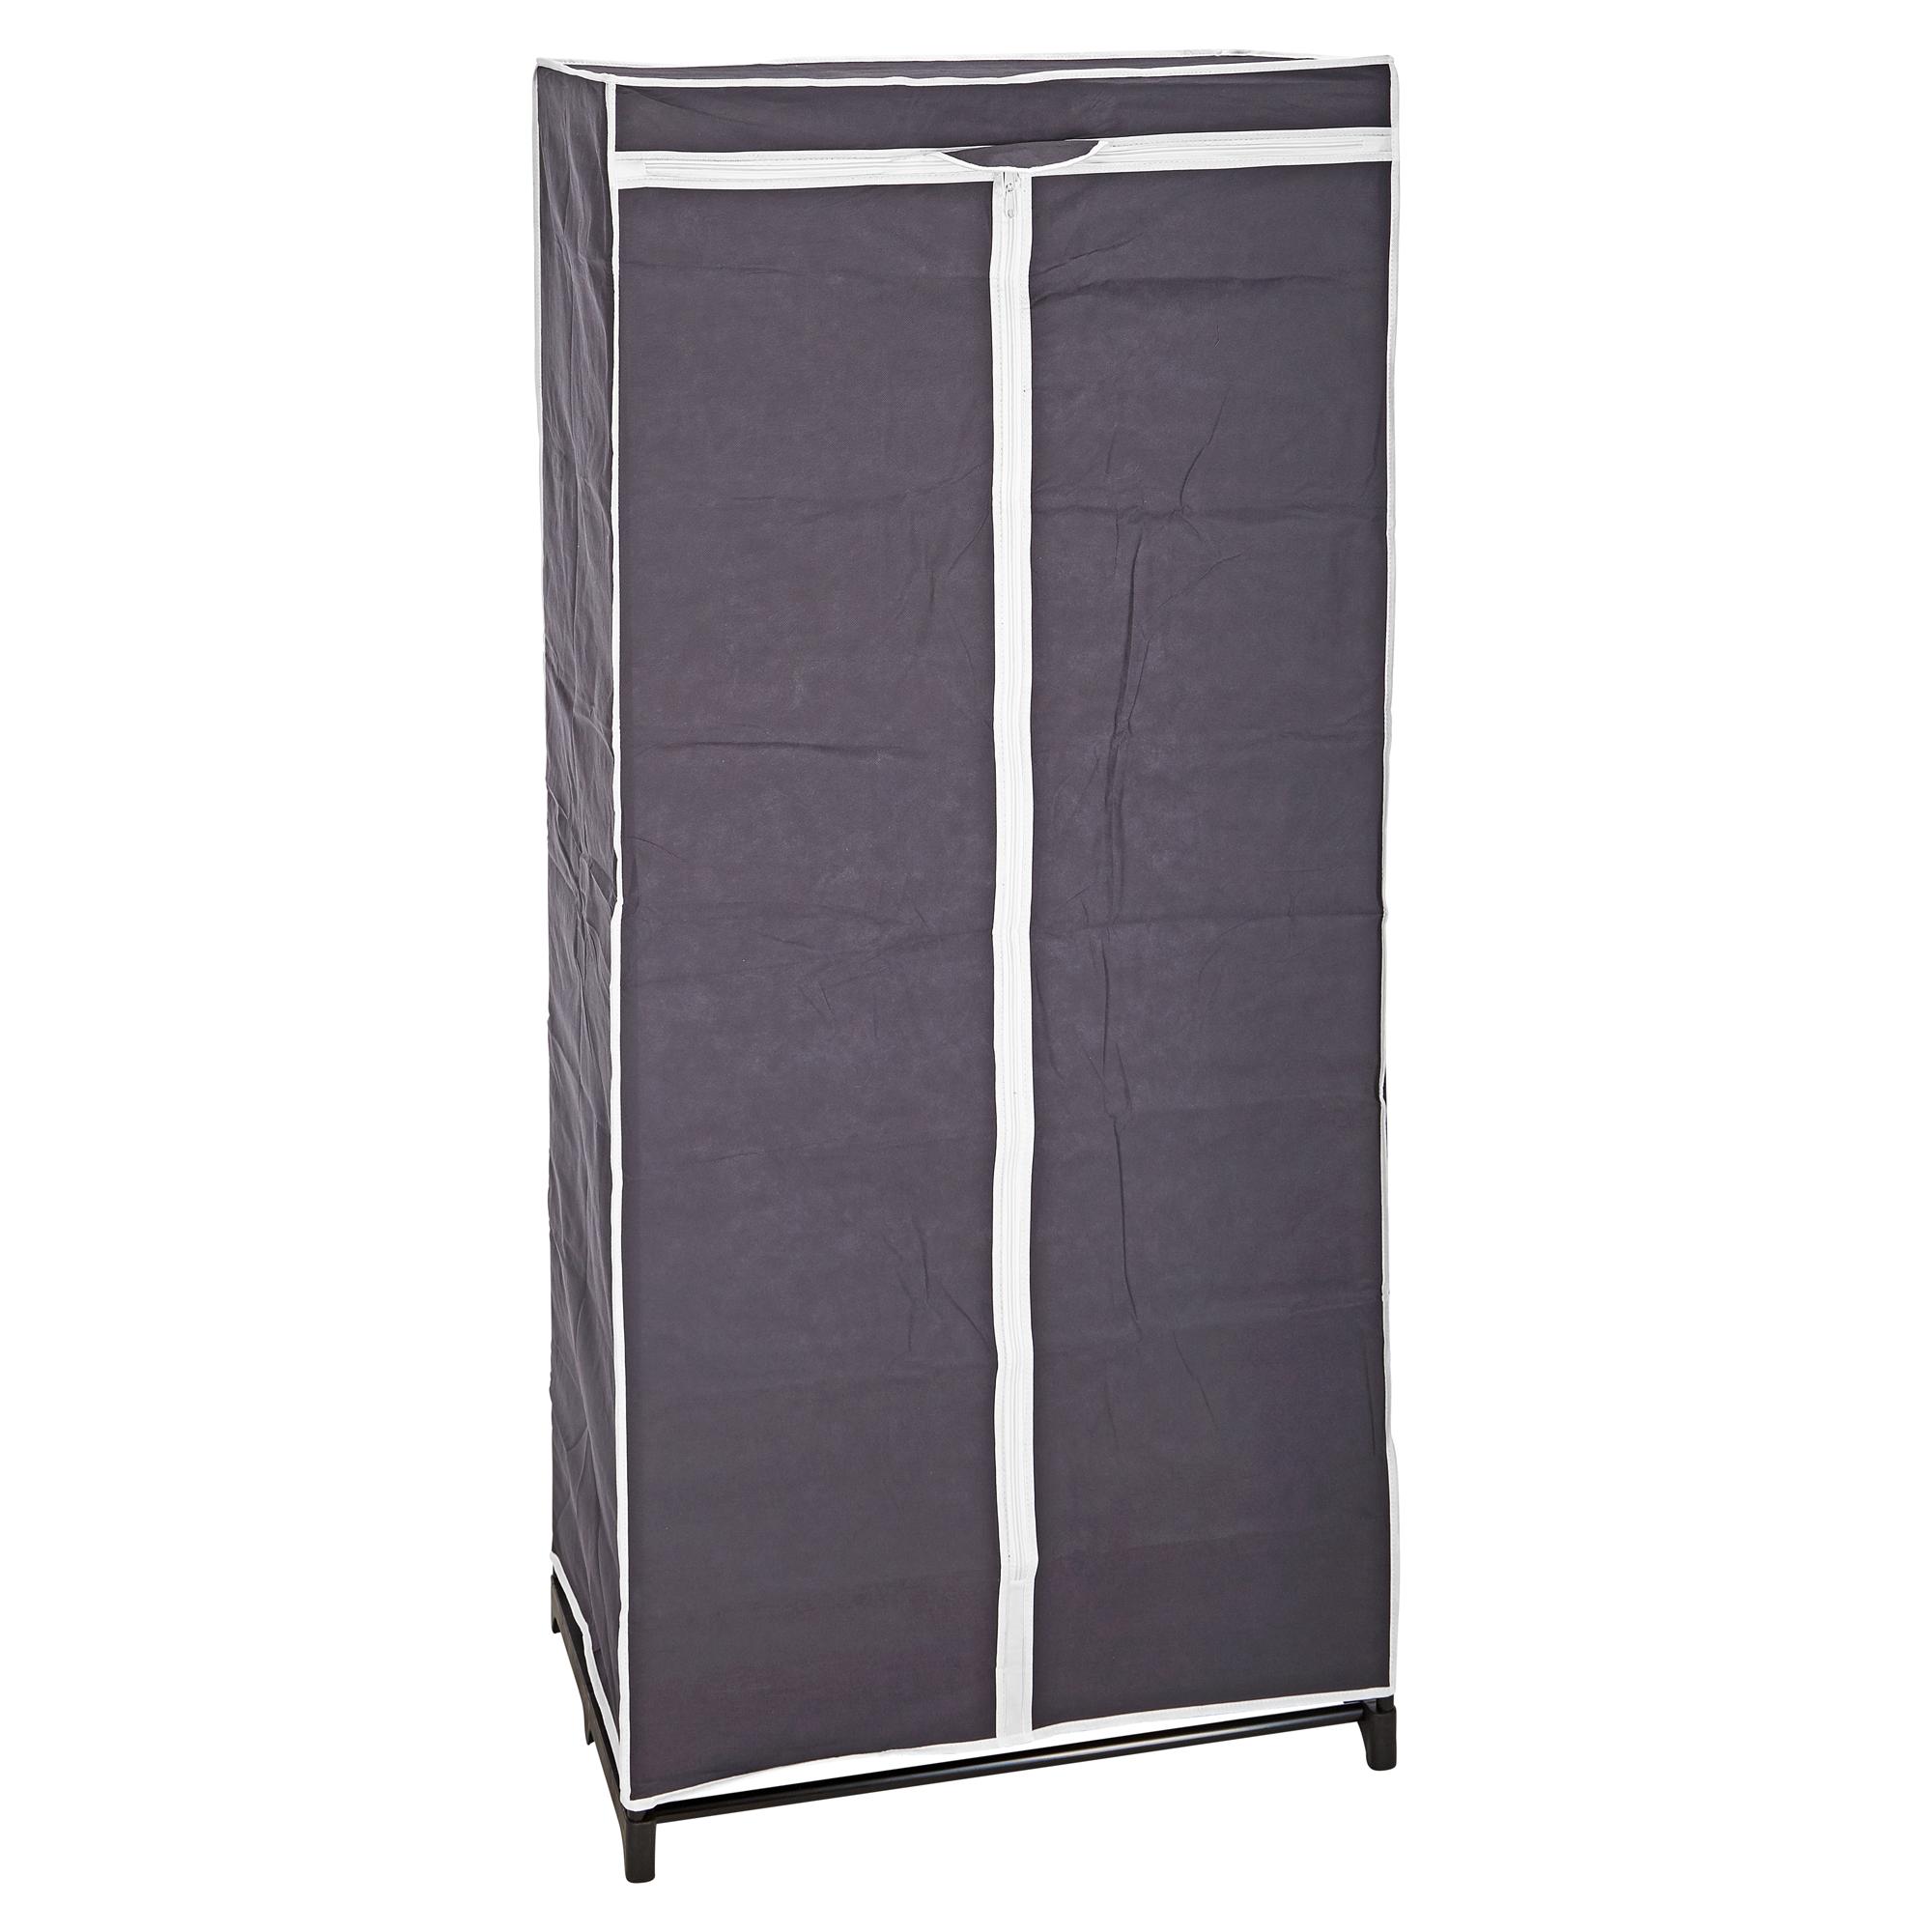 Textilkleiderschrank Anthrazit 150 X 70 X 45 Cm ǀ Toom Baumarkt